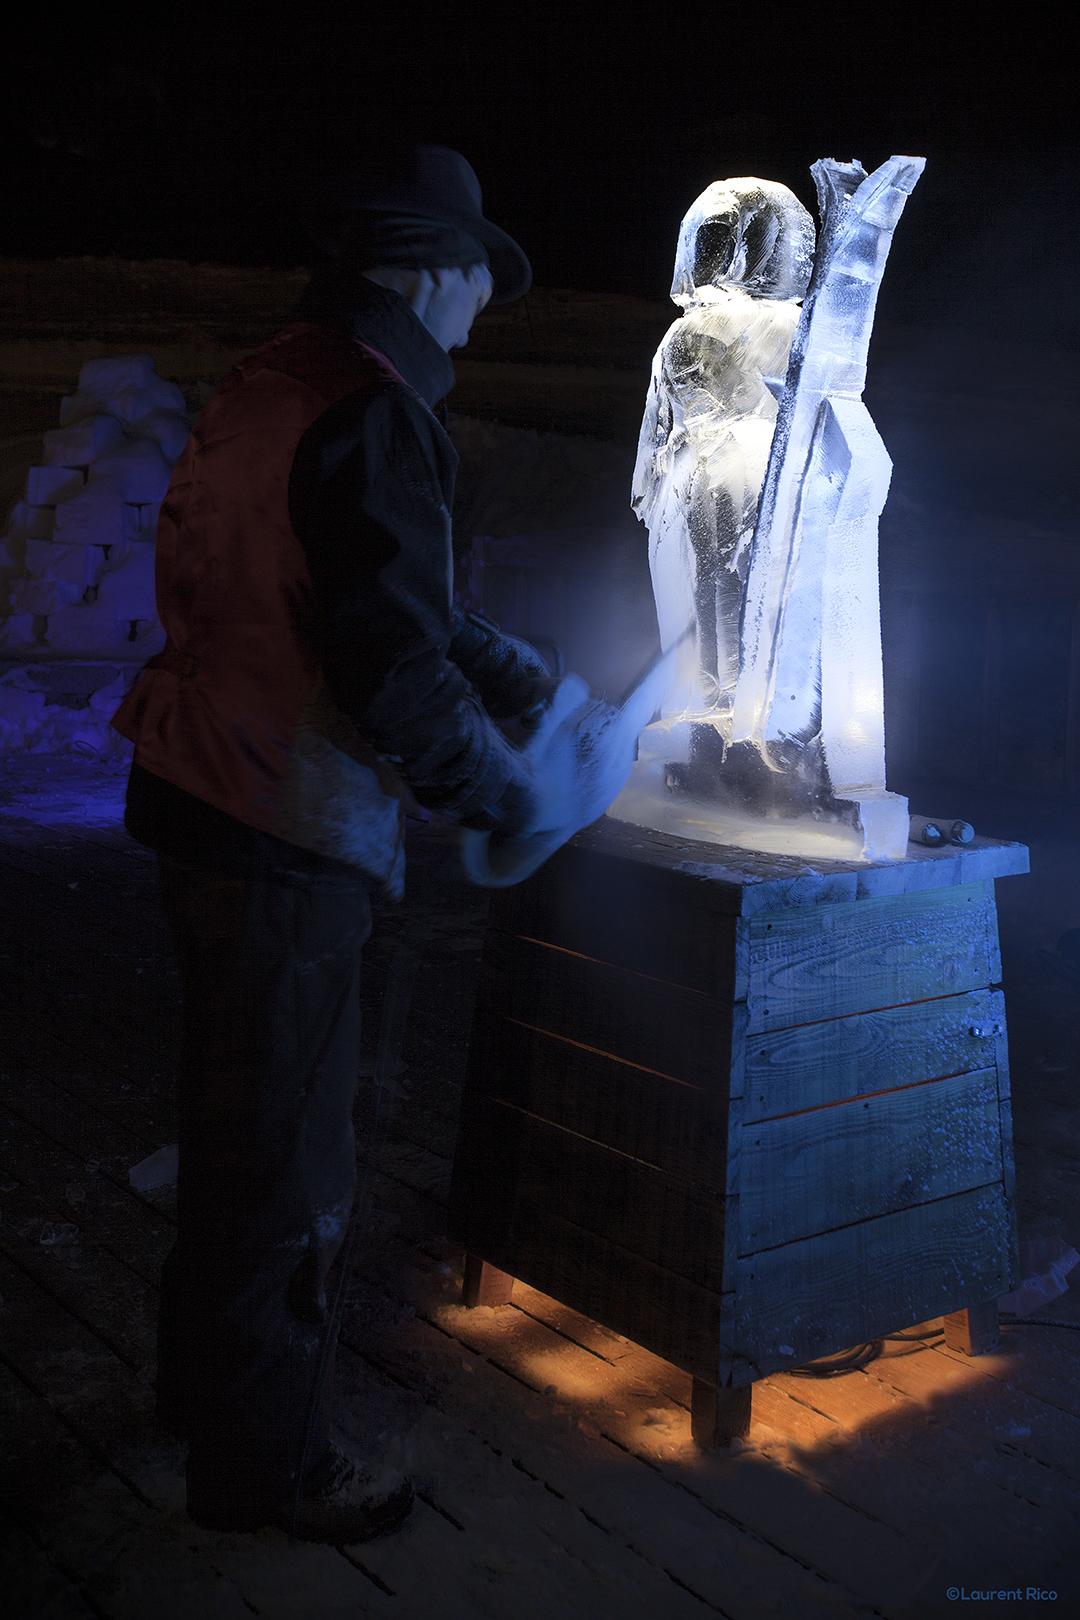 laurent rico-creations- realisations-productions audiovisuelles-manifestations-evenements-photographies-savoie-isere-grenoble-sculpture sur glace-christian burger-artiste-